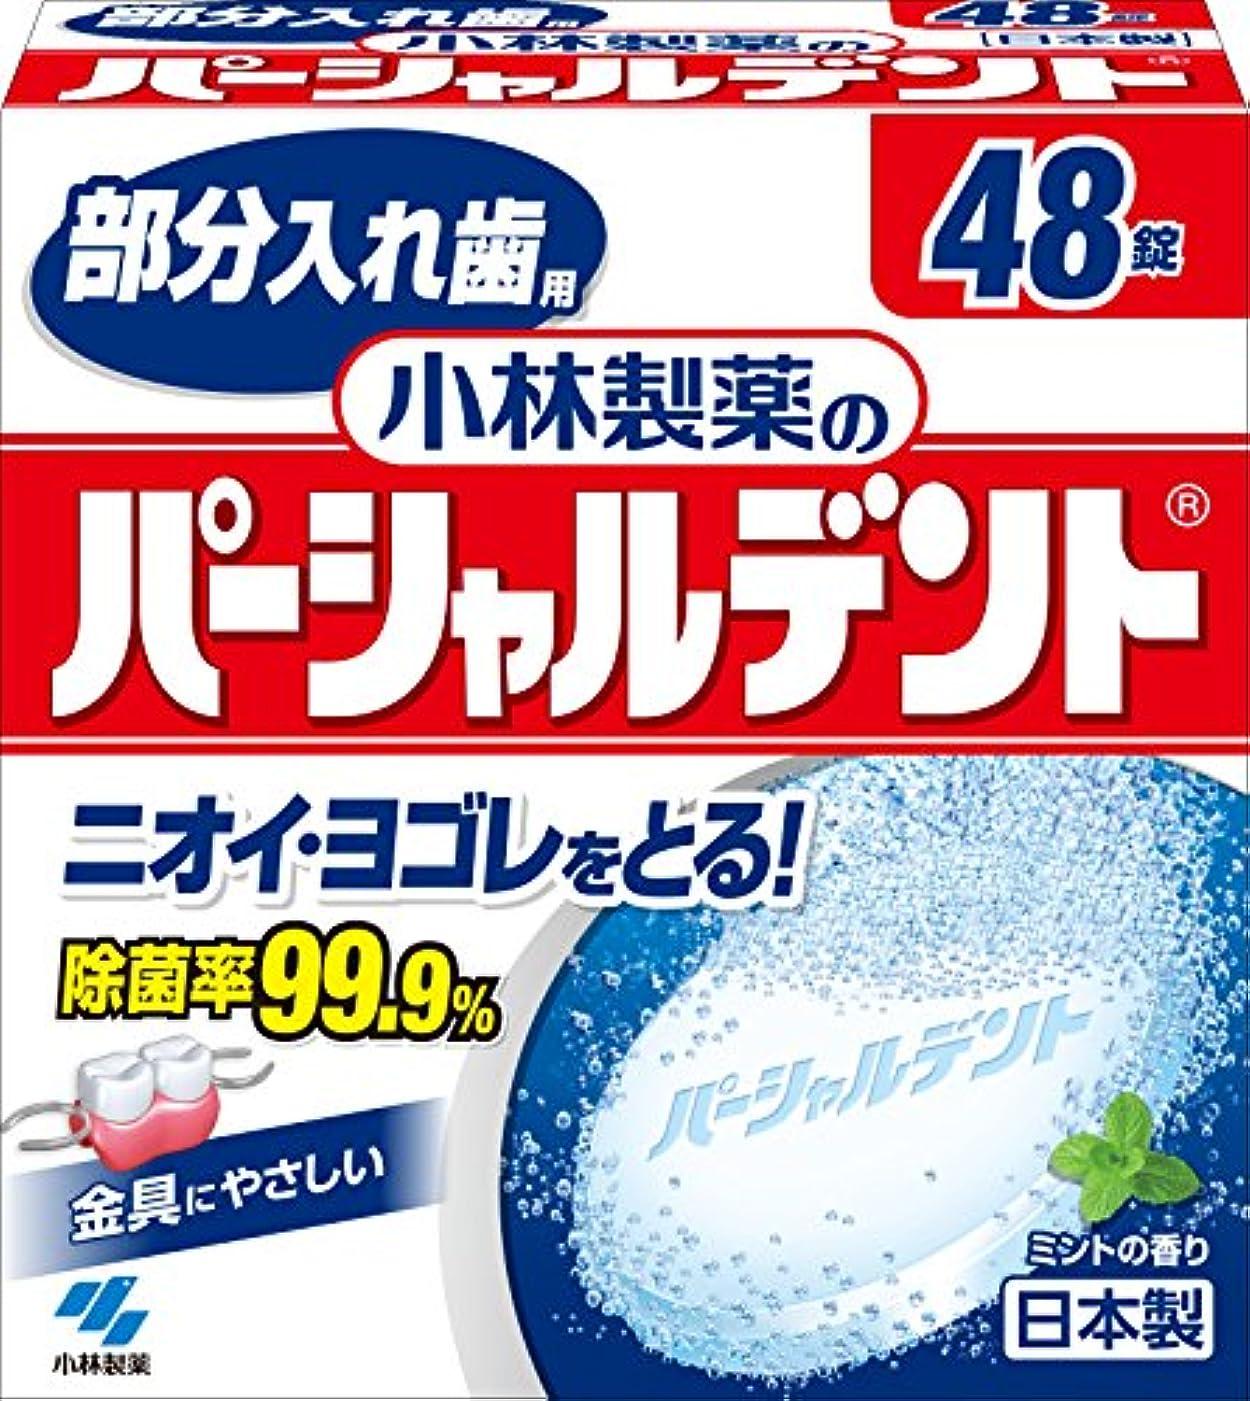 トラフィック湿気の多い審判小林製薬のパーシャルデント 部分入れ歯用 洗浄剤 ミントの香 48錠